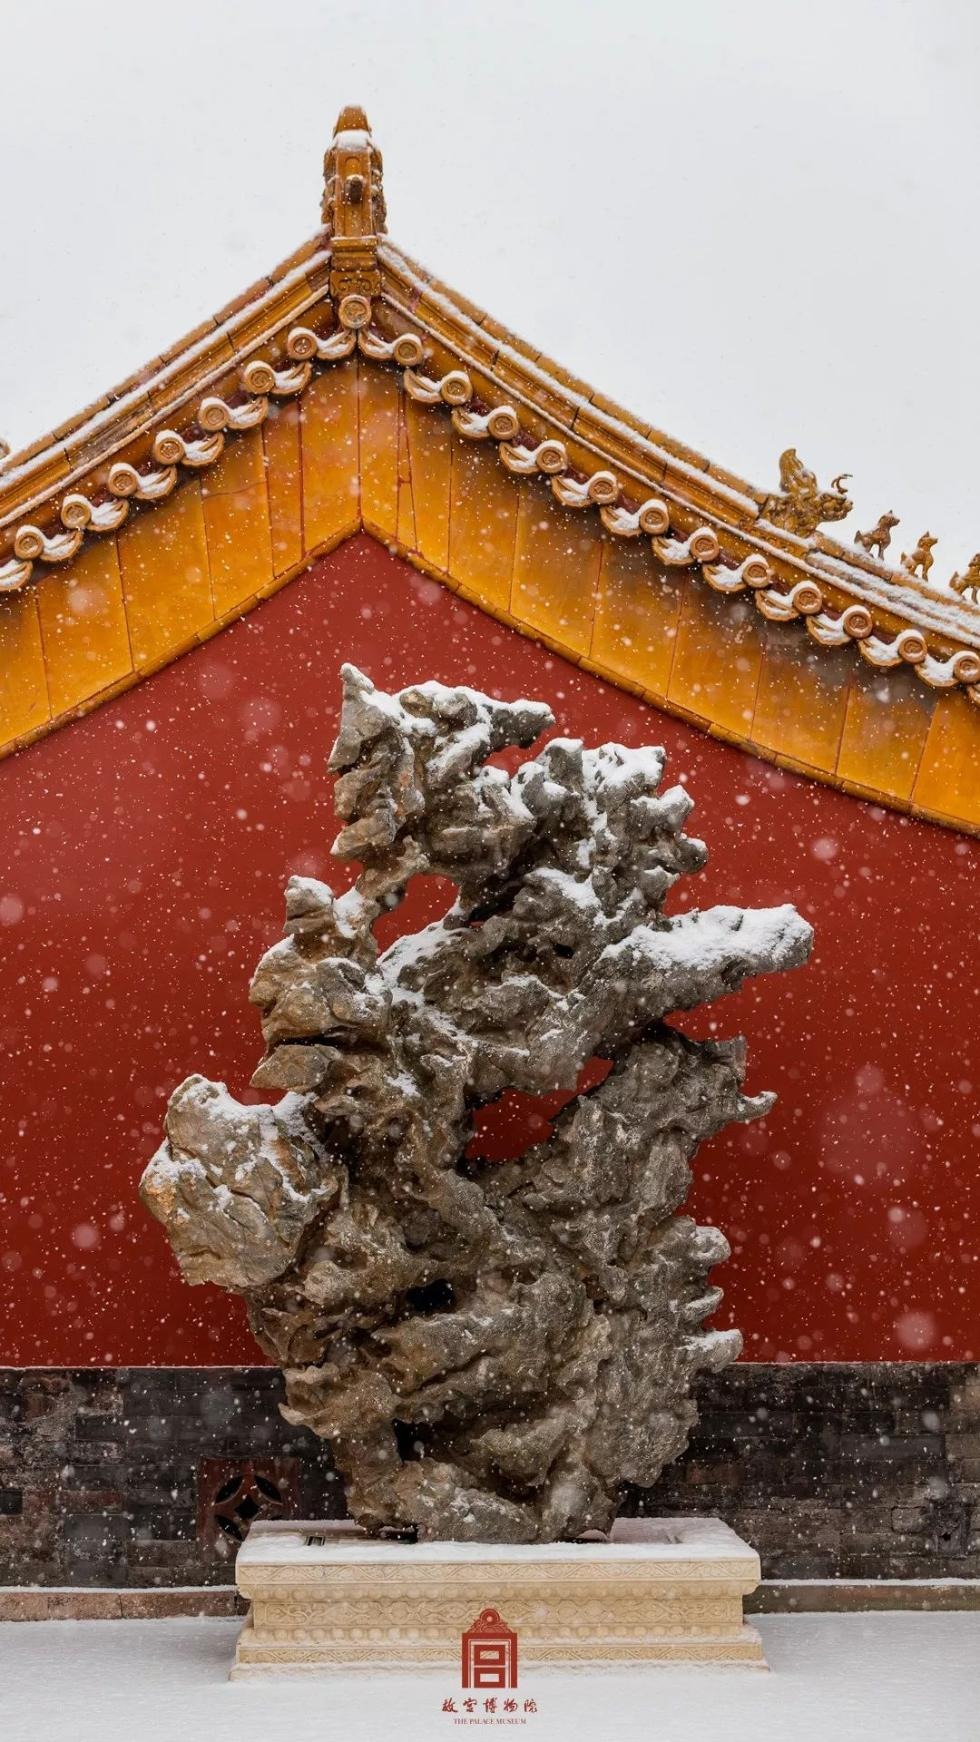 故宫下雪了!收图!